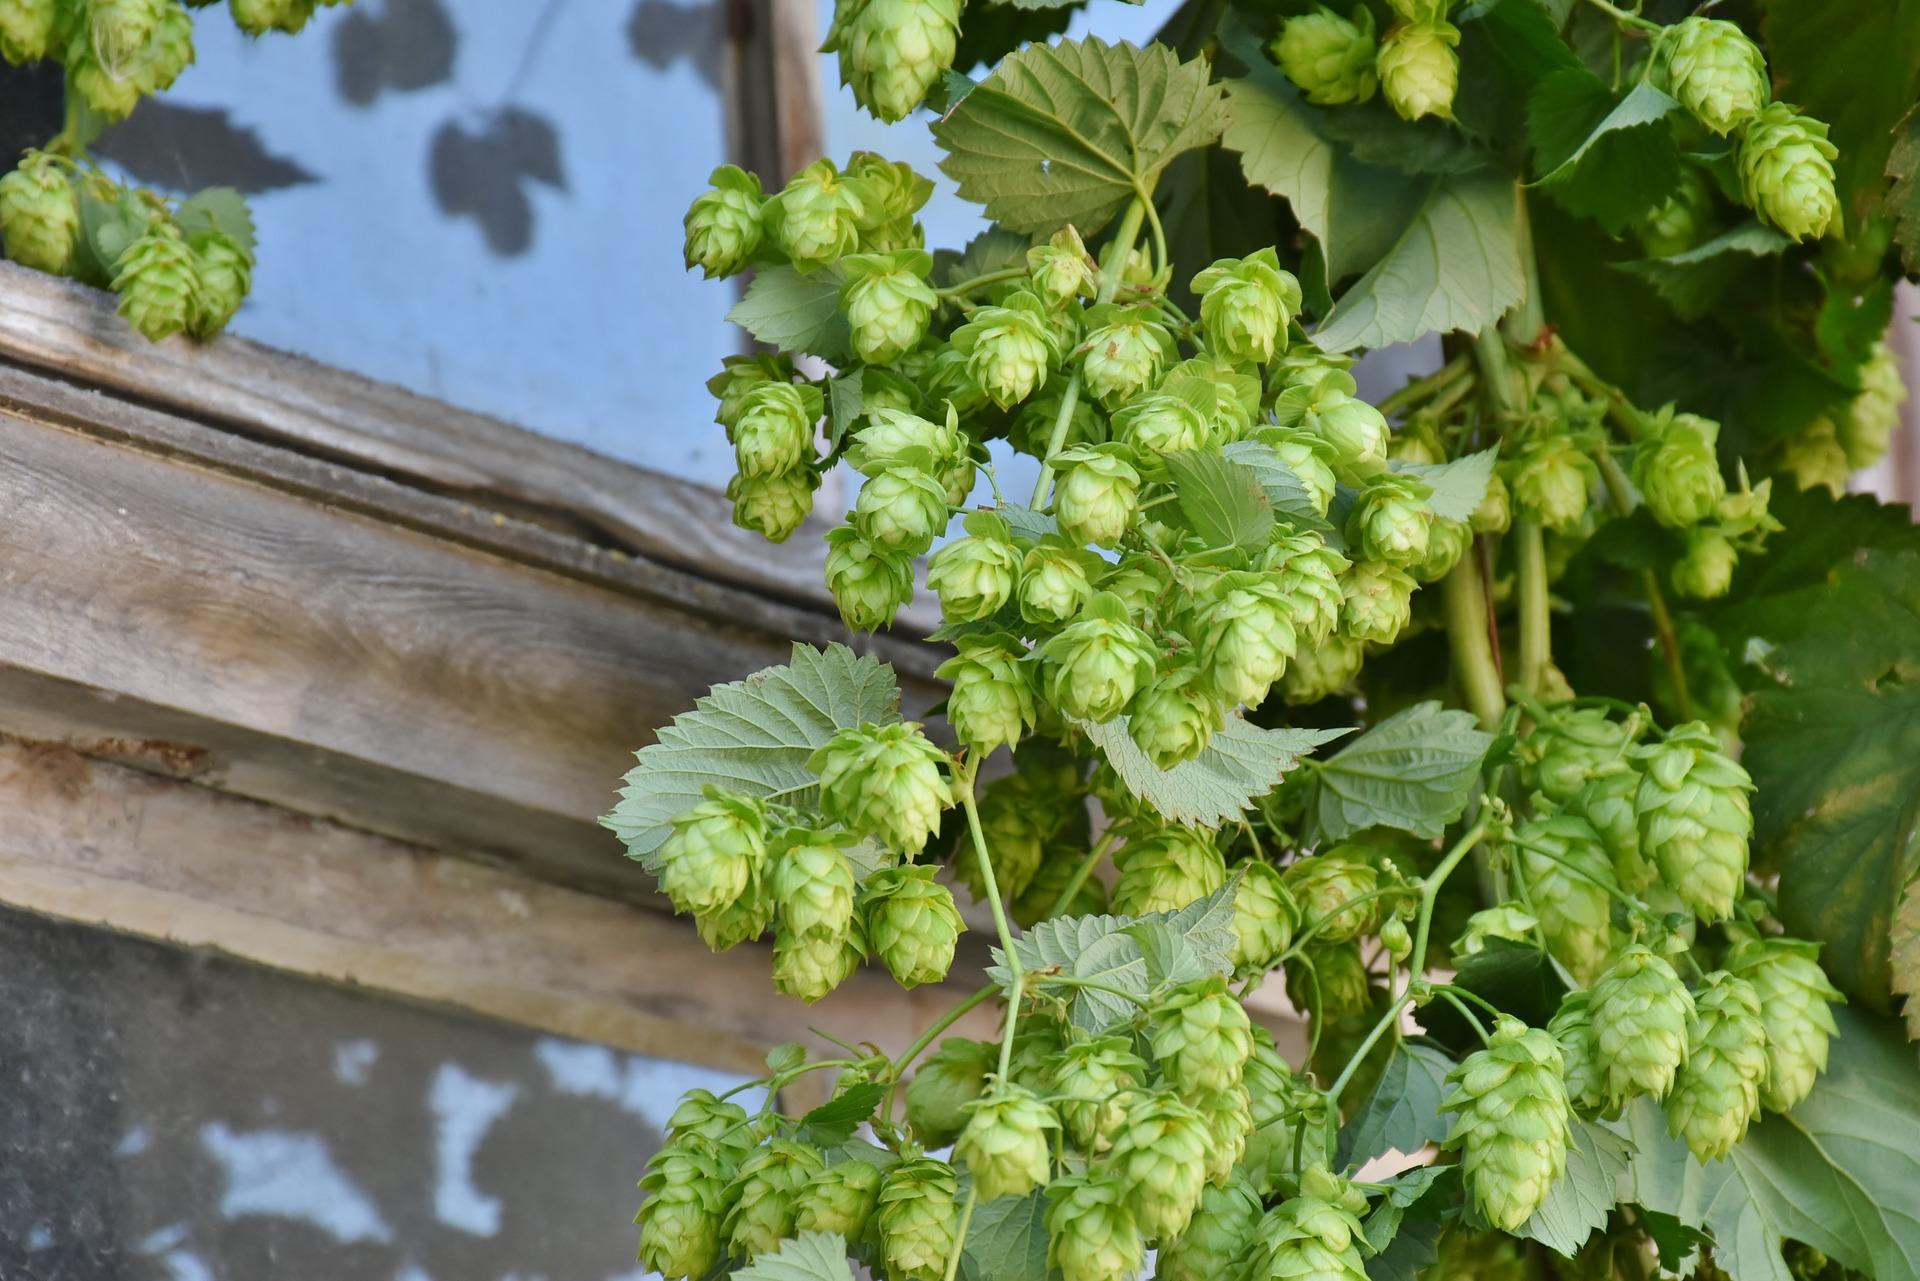 hop-harvest-1596086_1920.jpg